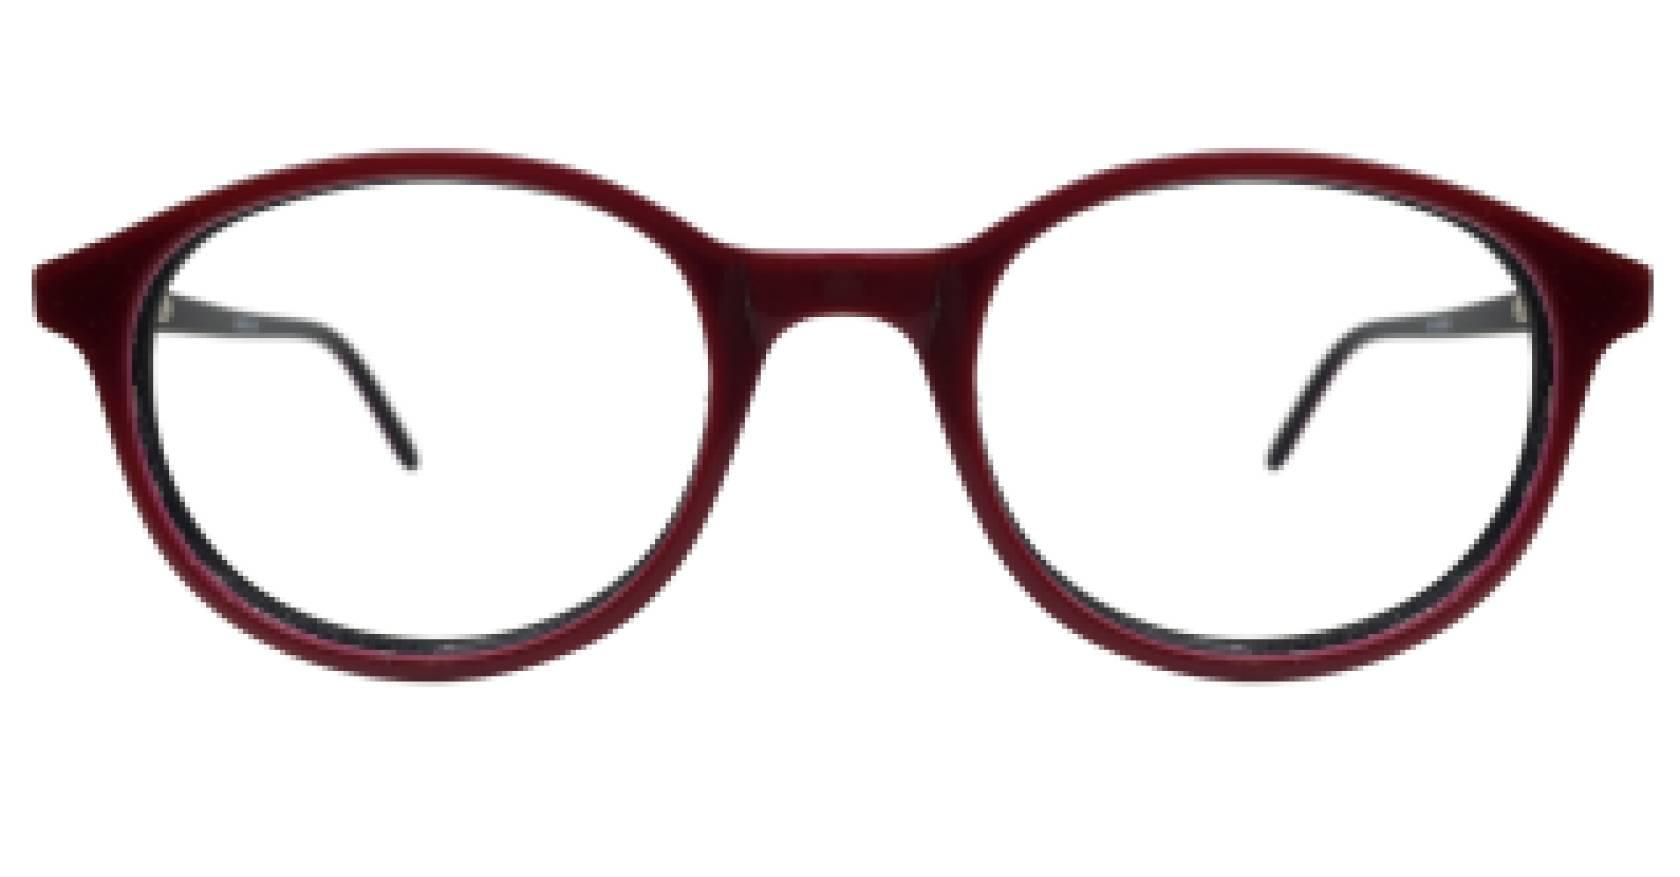 imagen miniatura frontal de la referencia 1001307